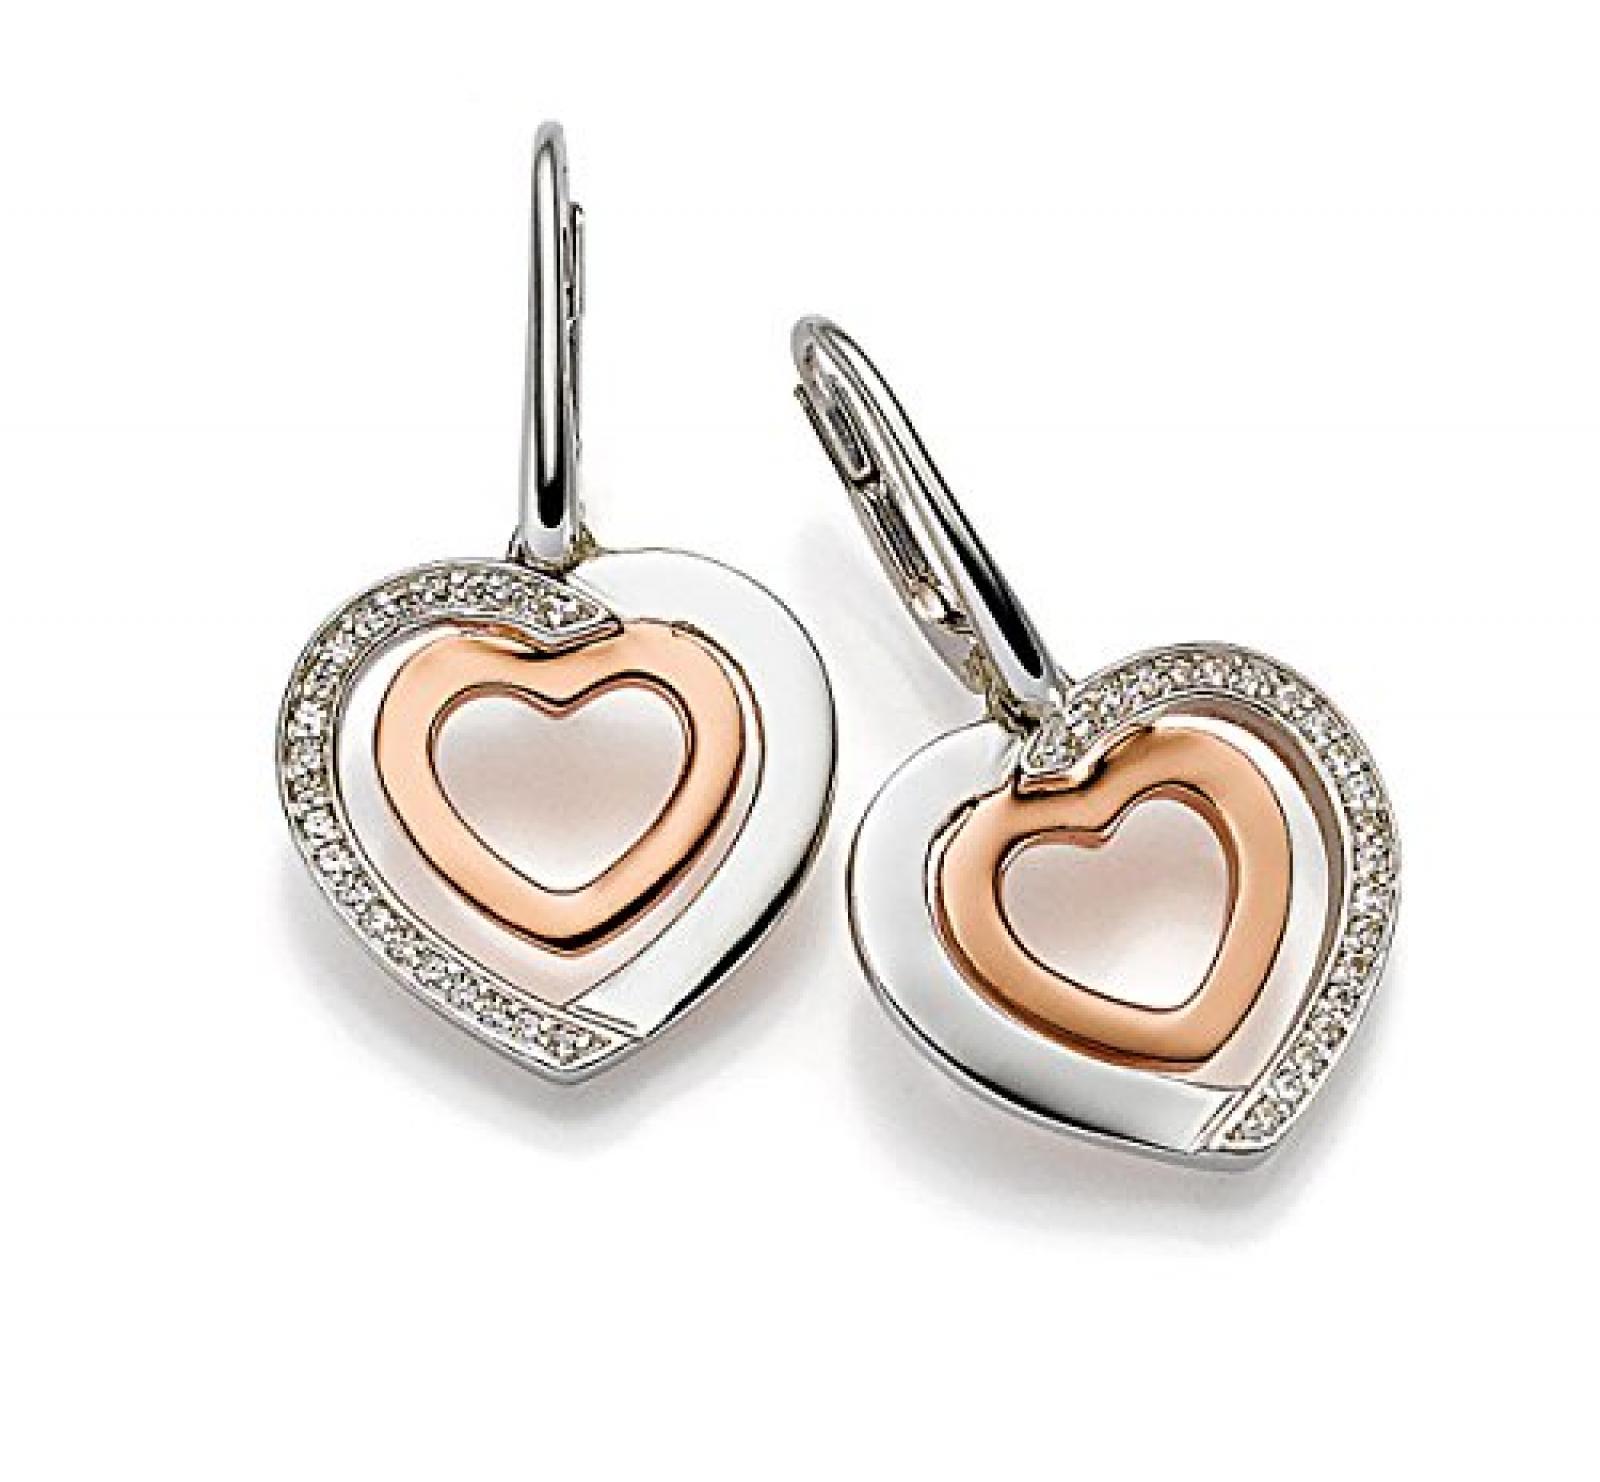 Viventy Damen-Ohrhänger Silber vergoldet rhodiniert Zirkonia weiß - 772034